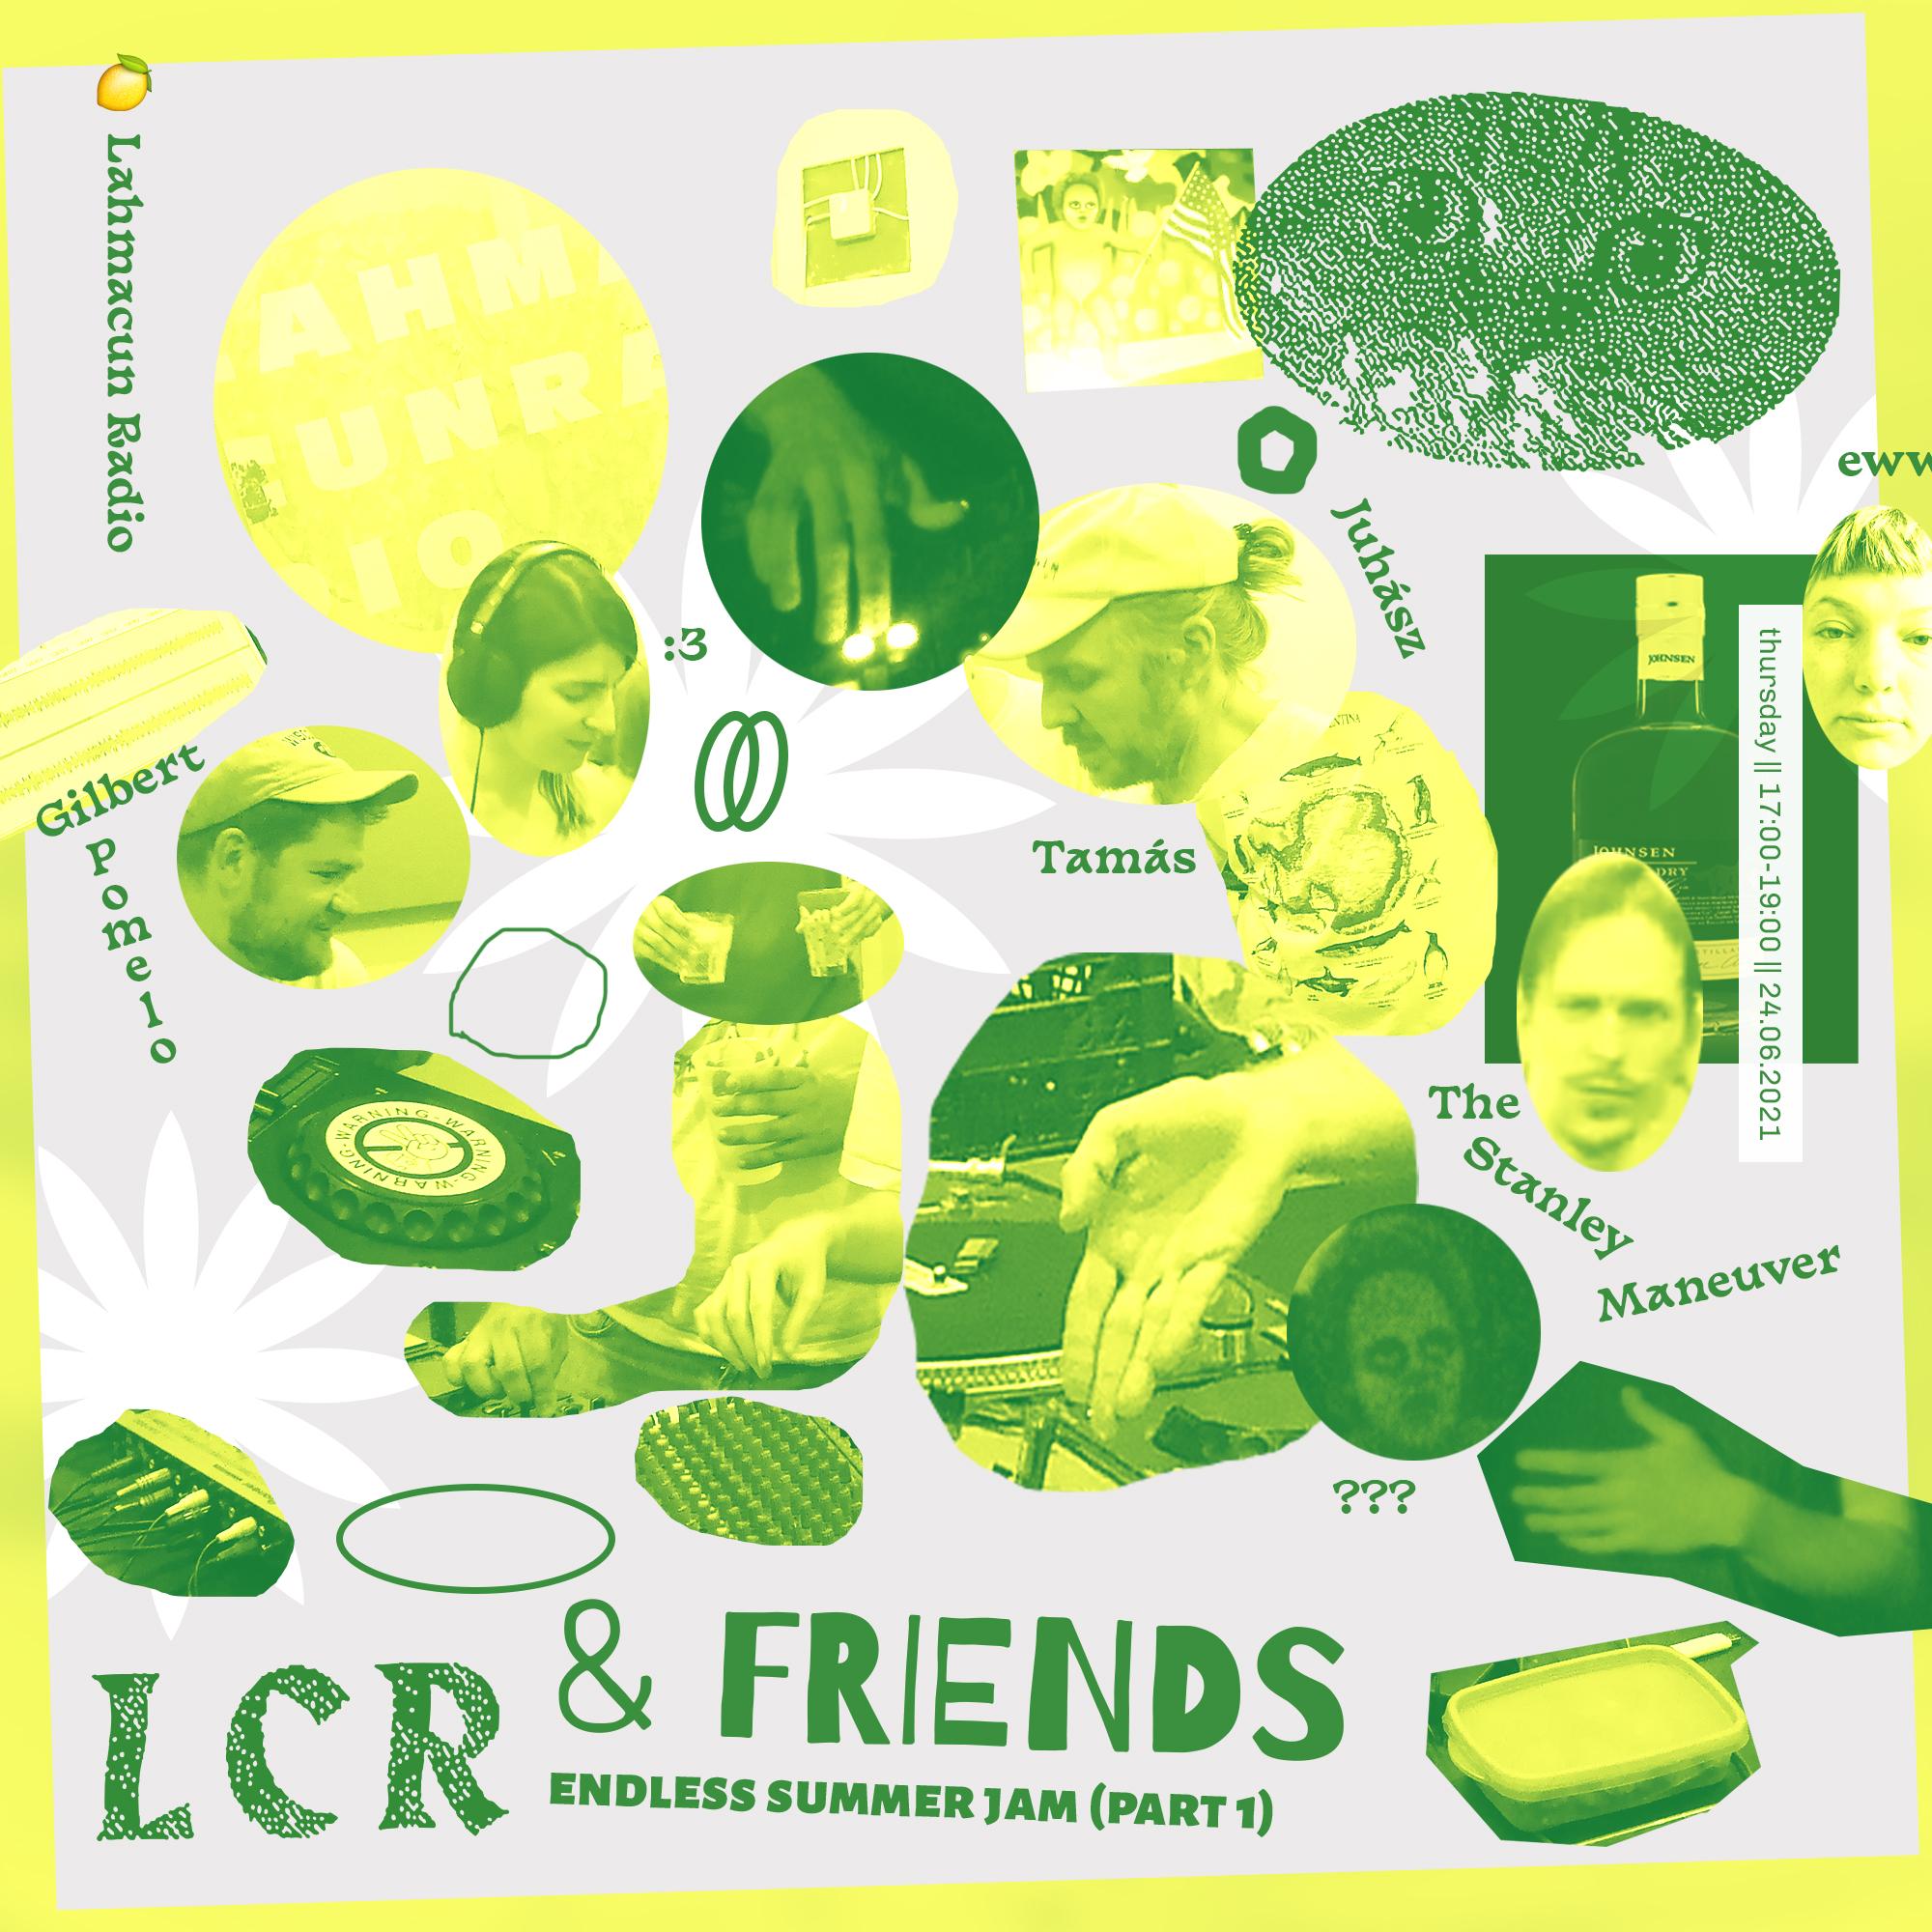 LCR & FRIENDS ~ Endless Summer Jam (Part 1)